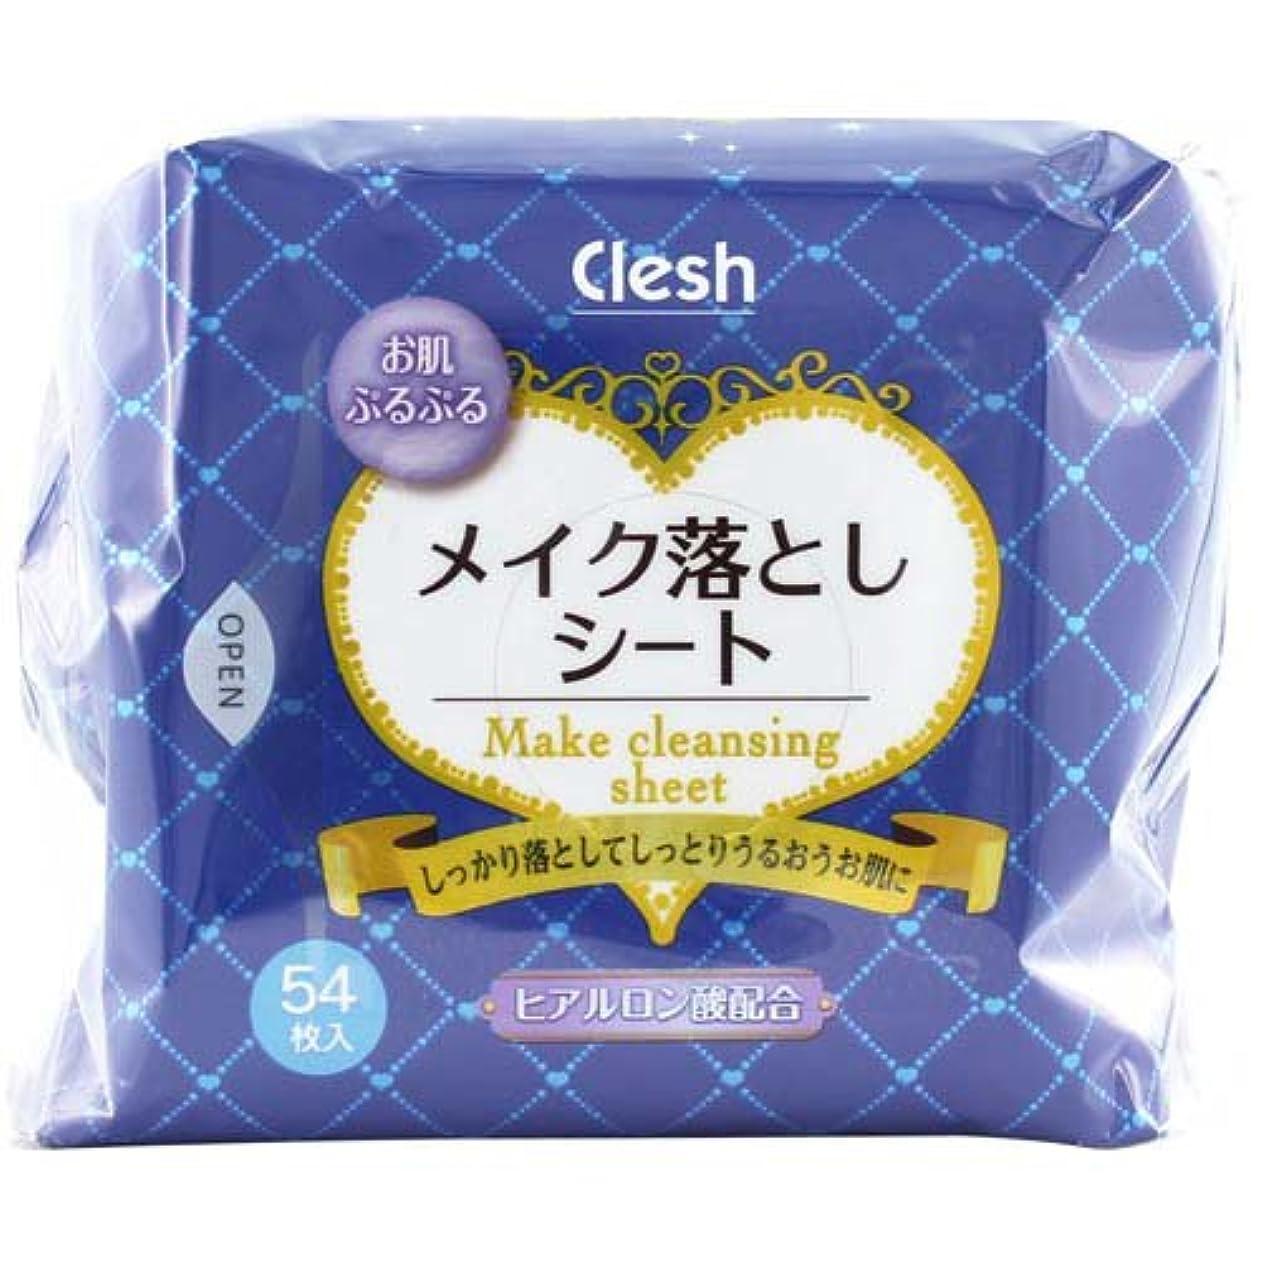 毒液解釈する日常的にClesh(クレシュ) メイク落としシート ヒアルロン酸配合 54枚